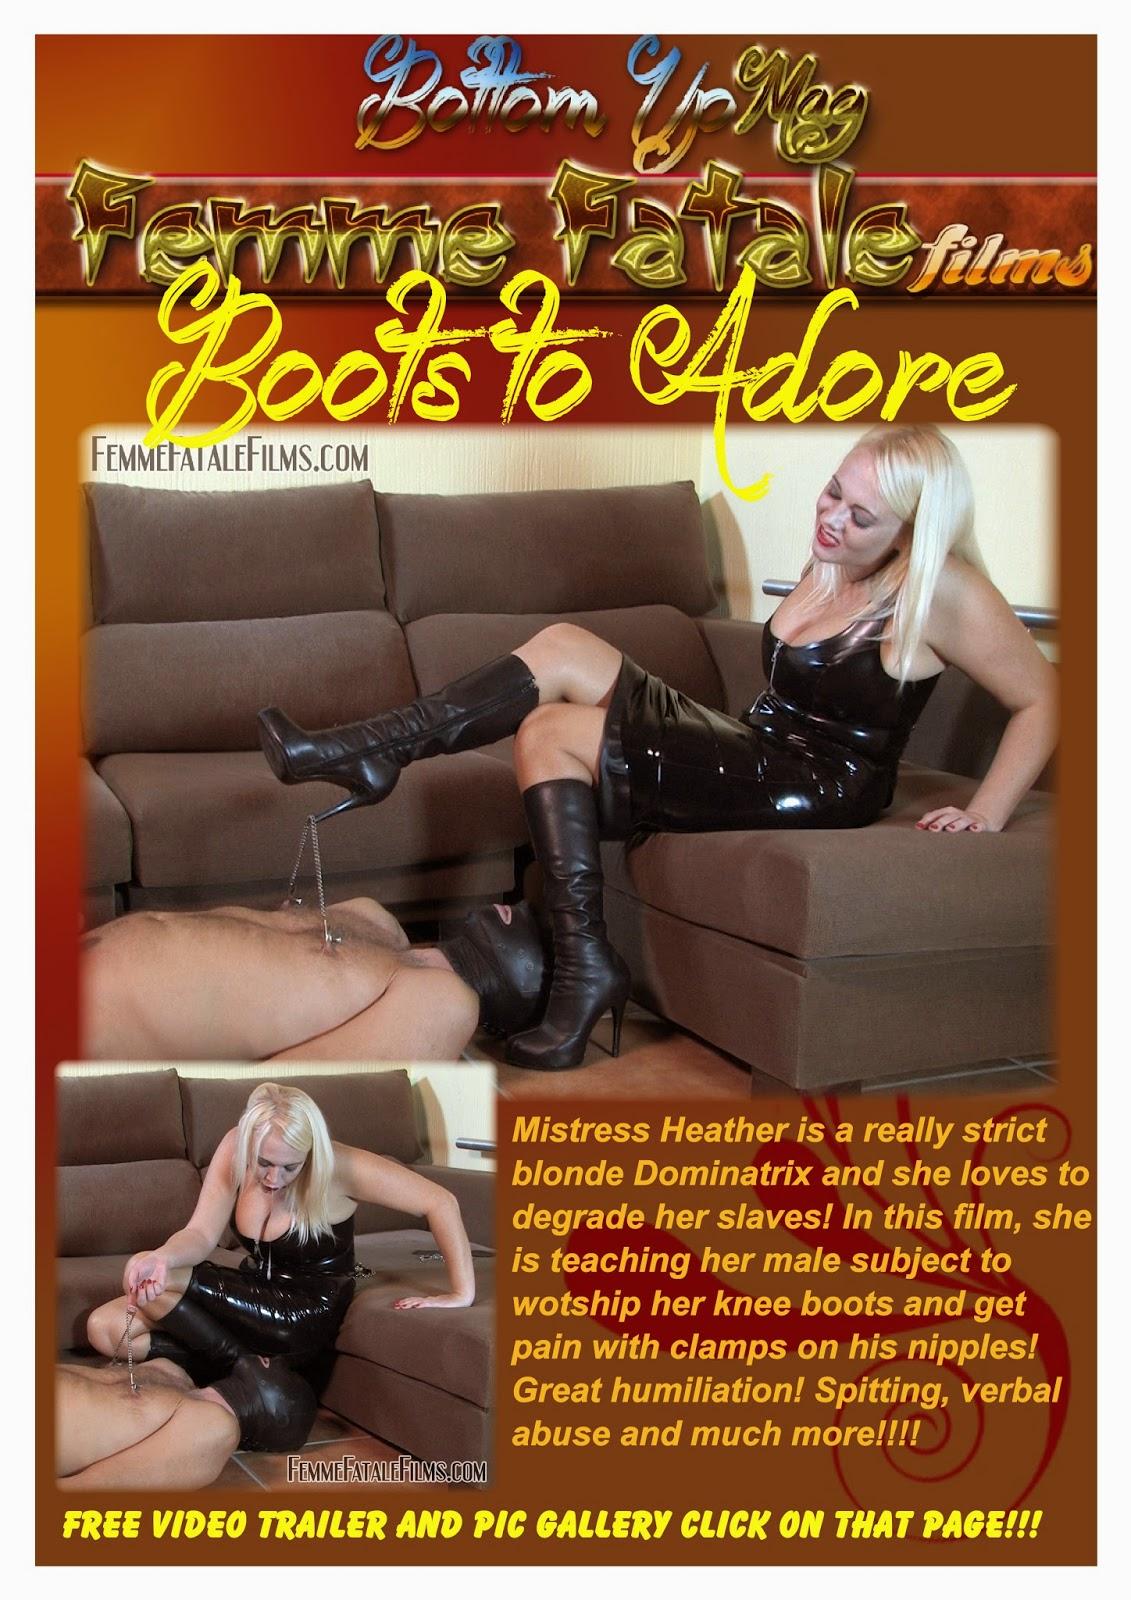 http://www.femmefatalefilms.com/affiliate/promo/a868e7/1/793/774138/